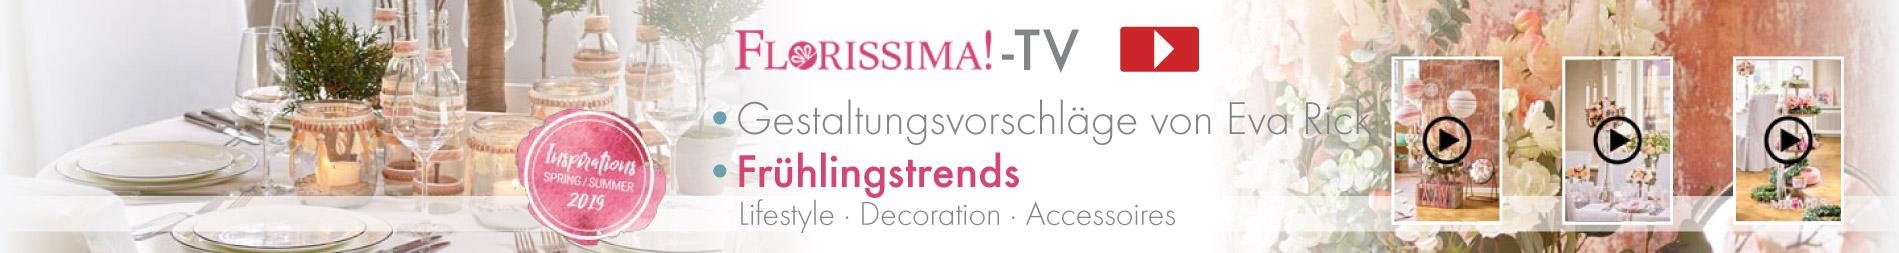 Florissima TV